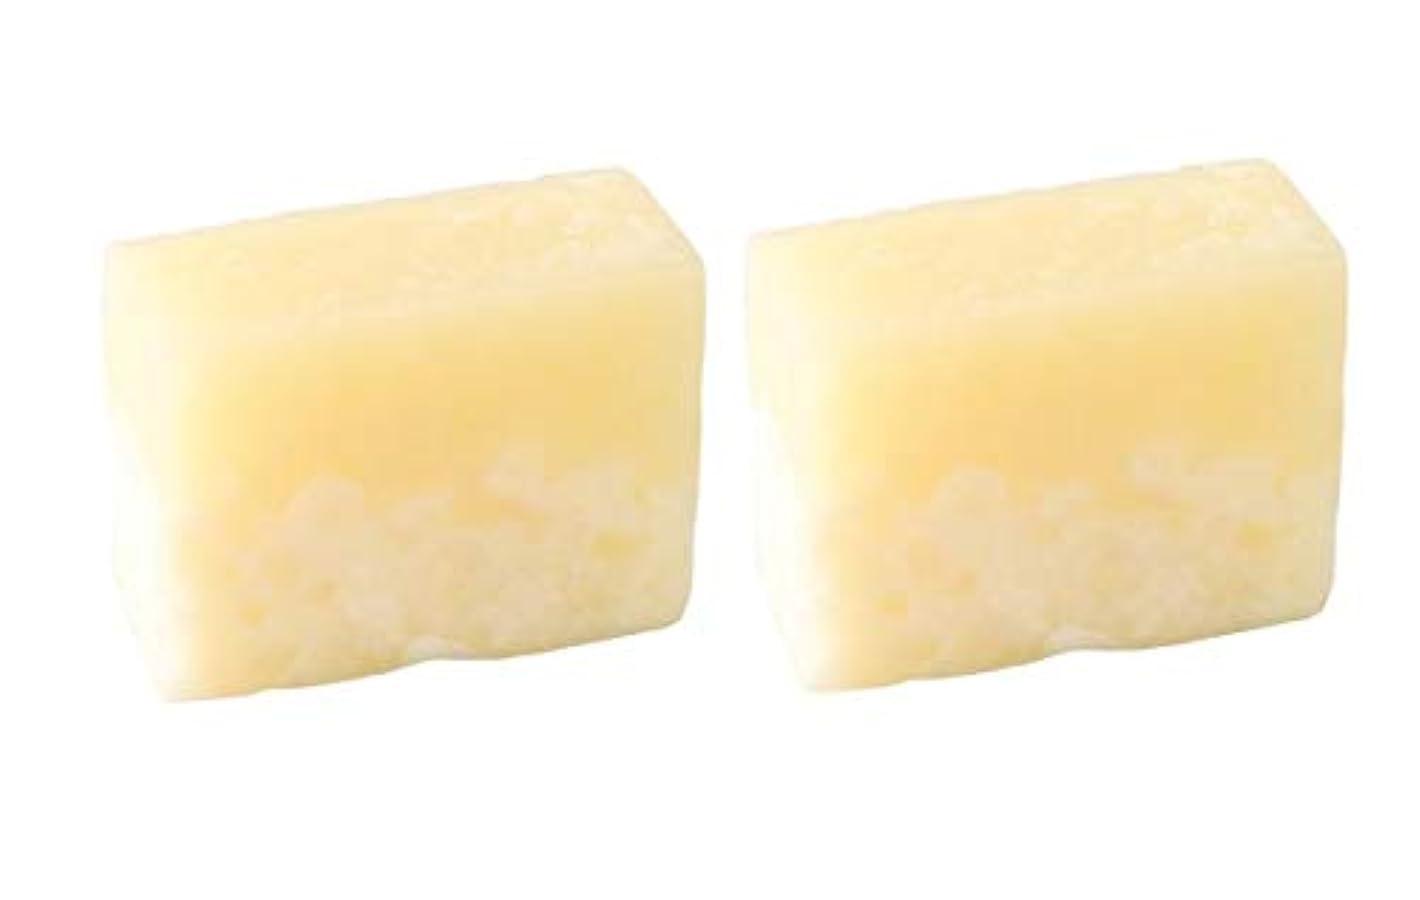 ペンス砂マザーランドLUSH ラッシュ ボヘミアン(100g)×2個セット レモンの爽やかな香りソープ